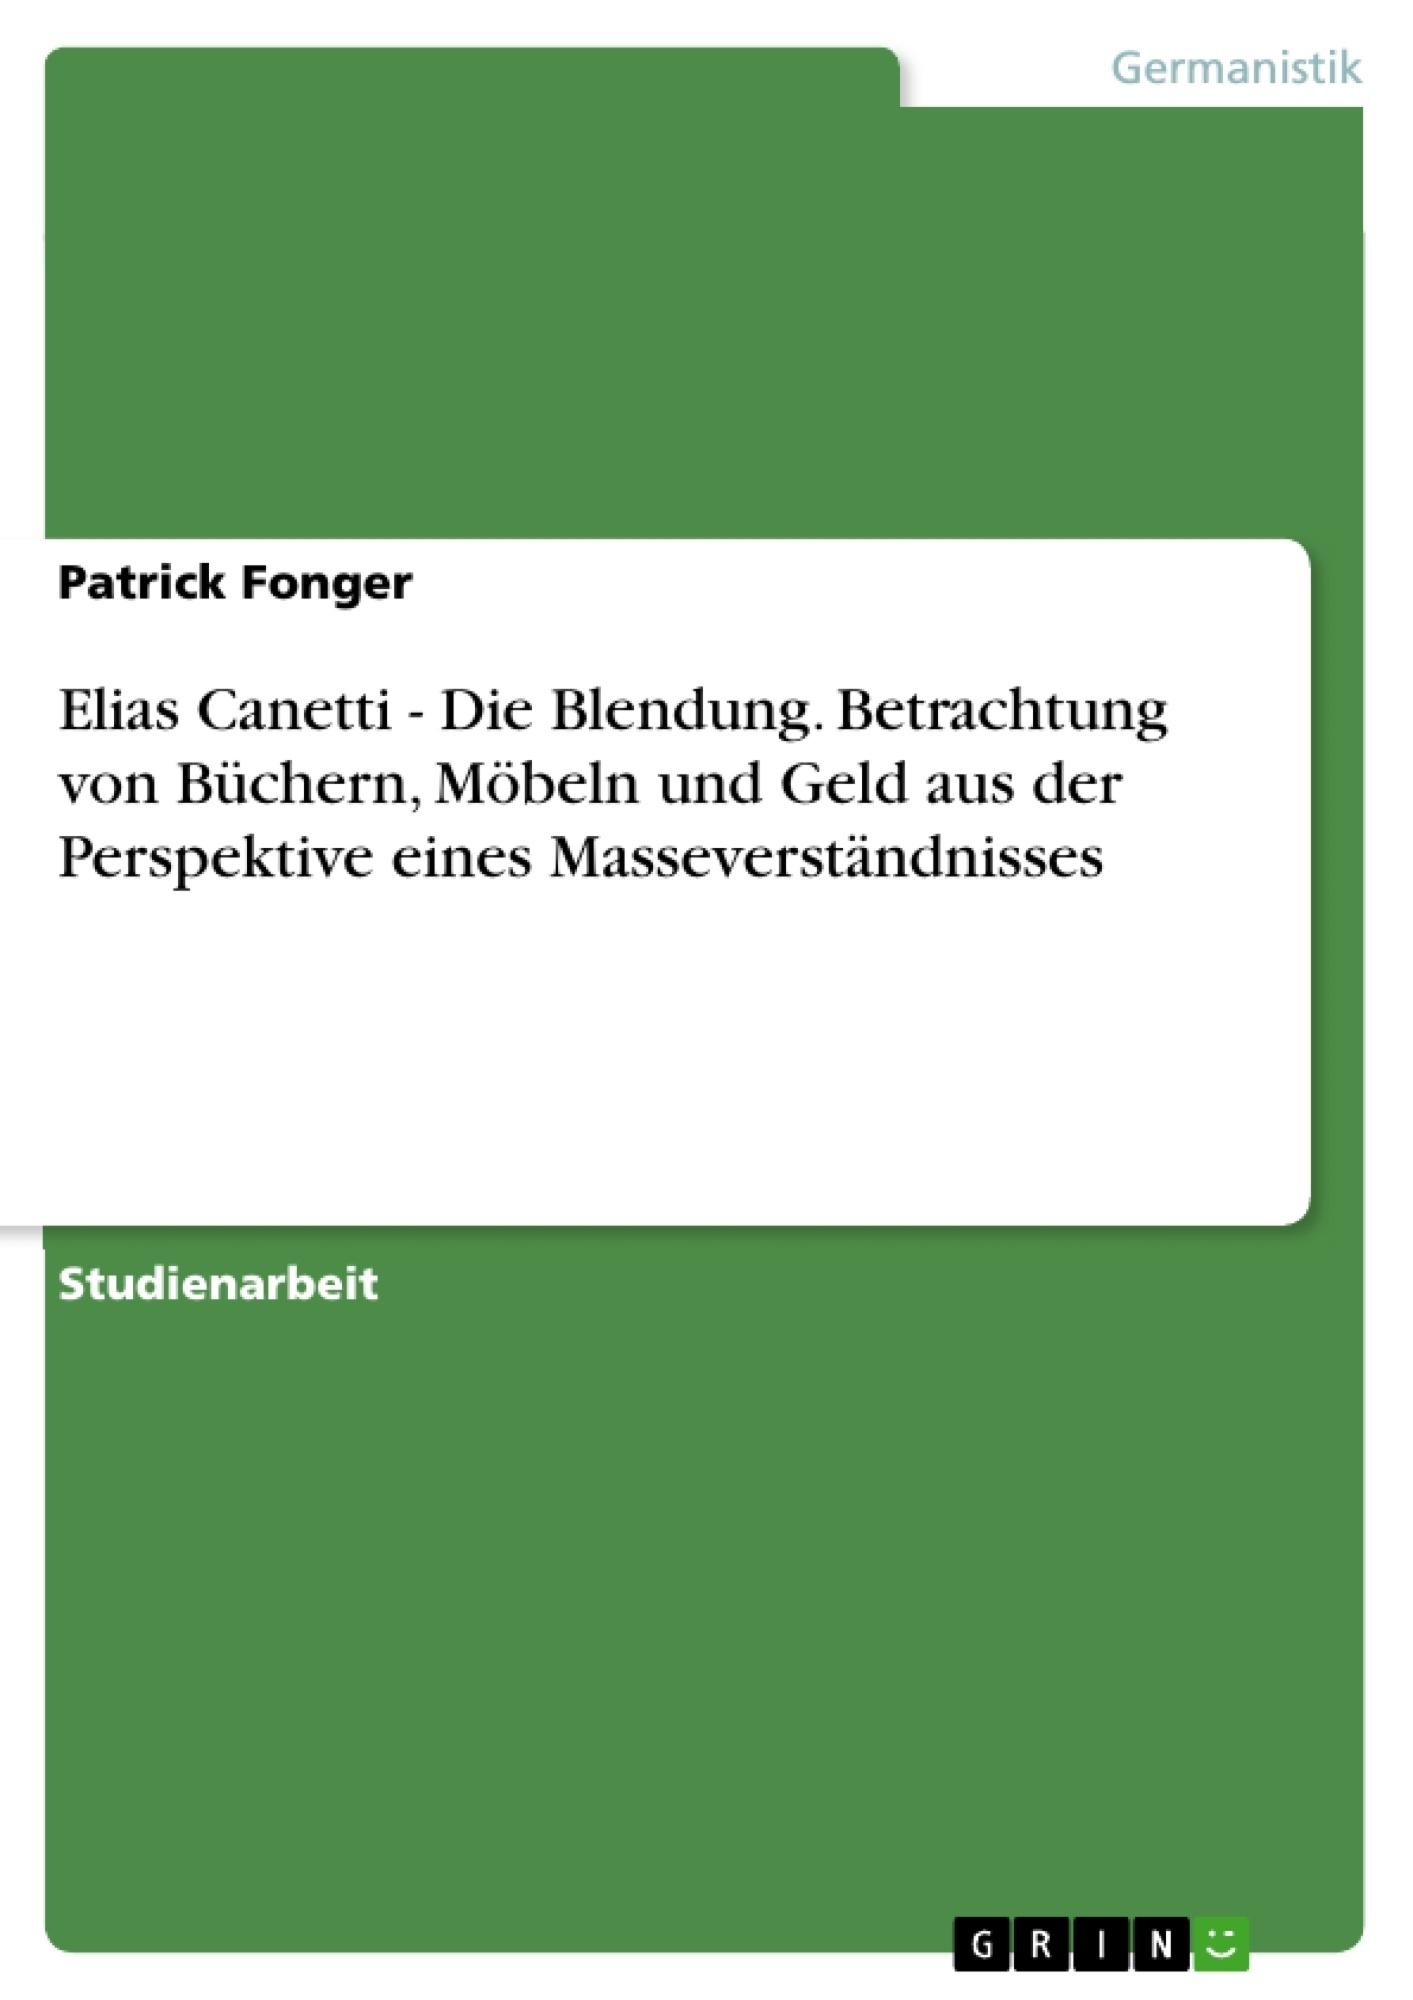 Titel: Elias Canetti - Die Blendung. Betrachtung von Büchern, Möbeln und Geld aus der Perspektive eines Masseverständnisses